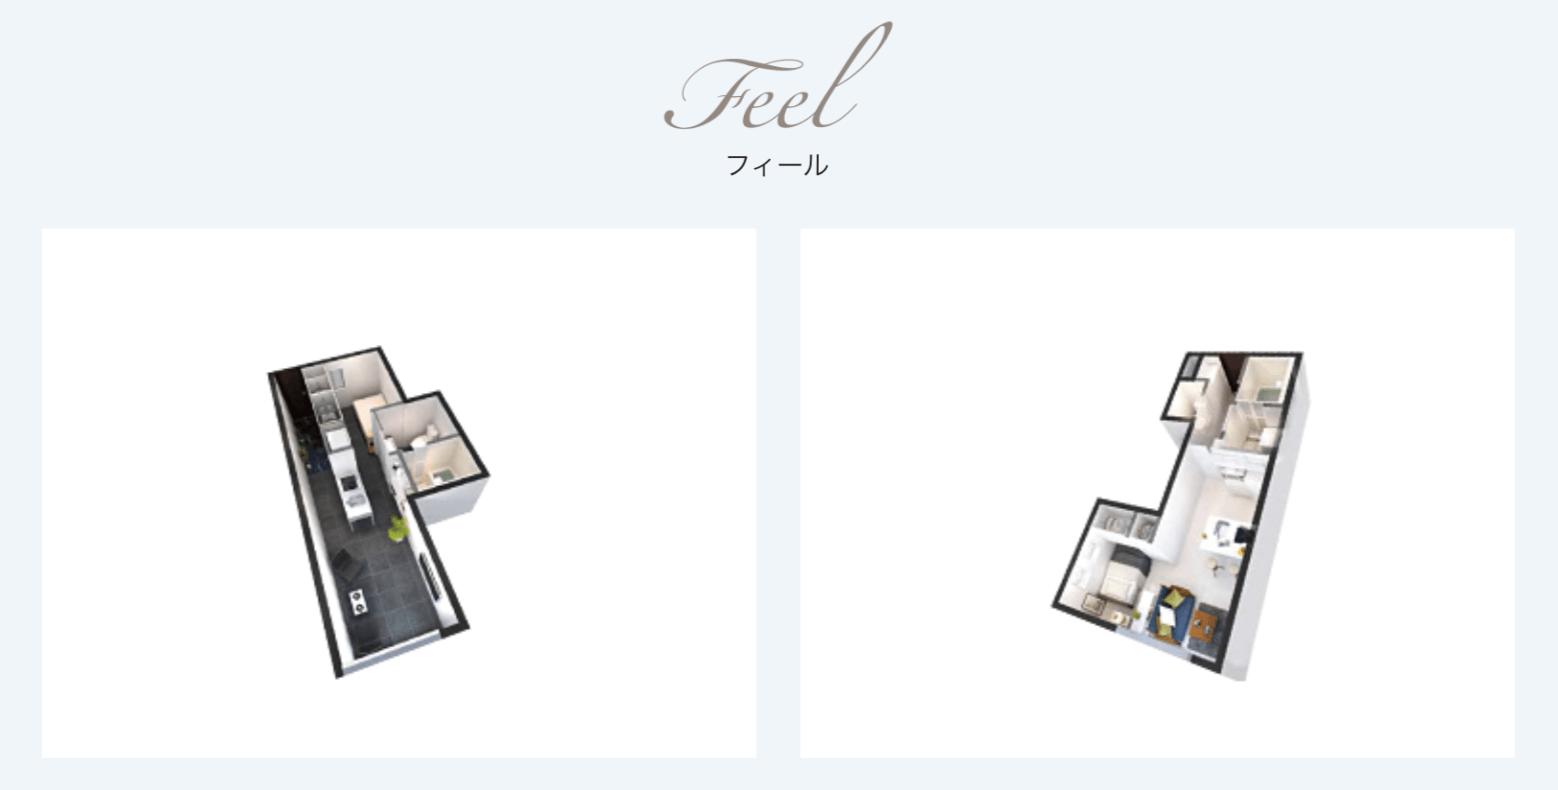 セレコーポレーション「Feel」